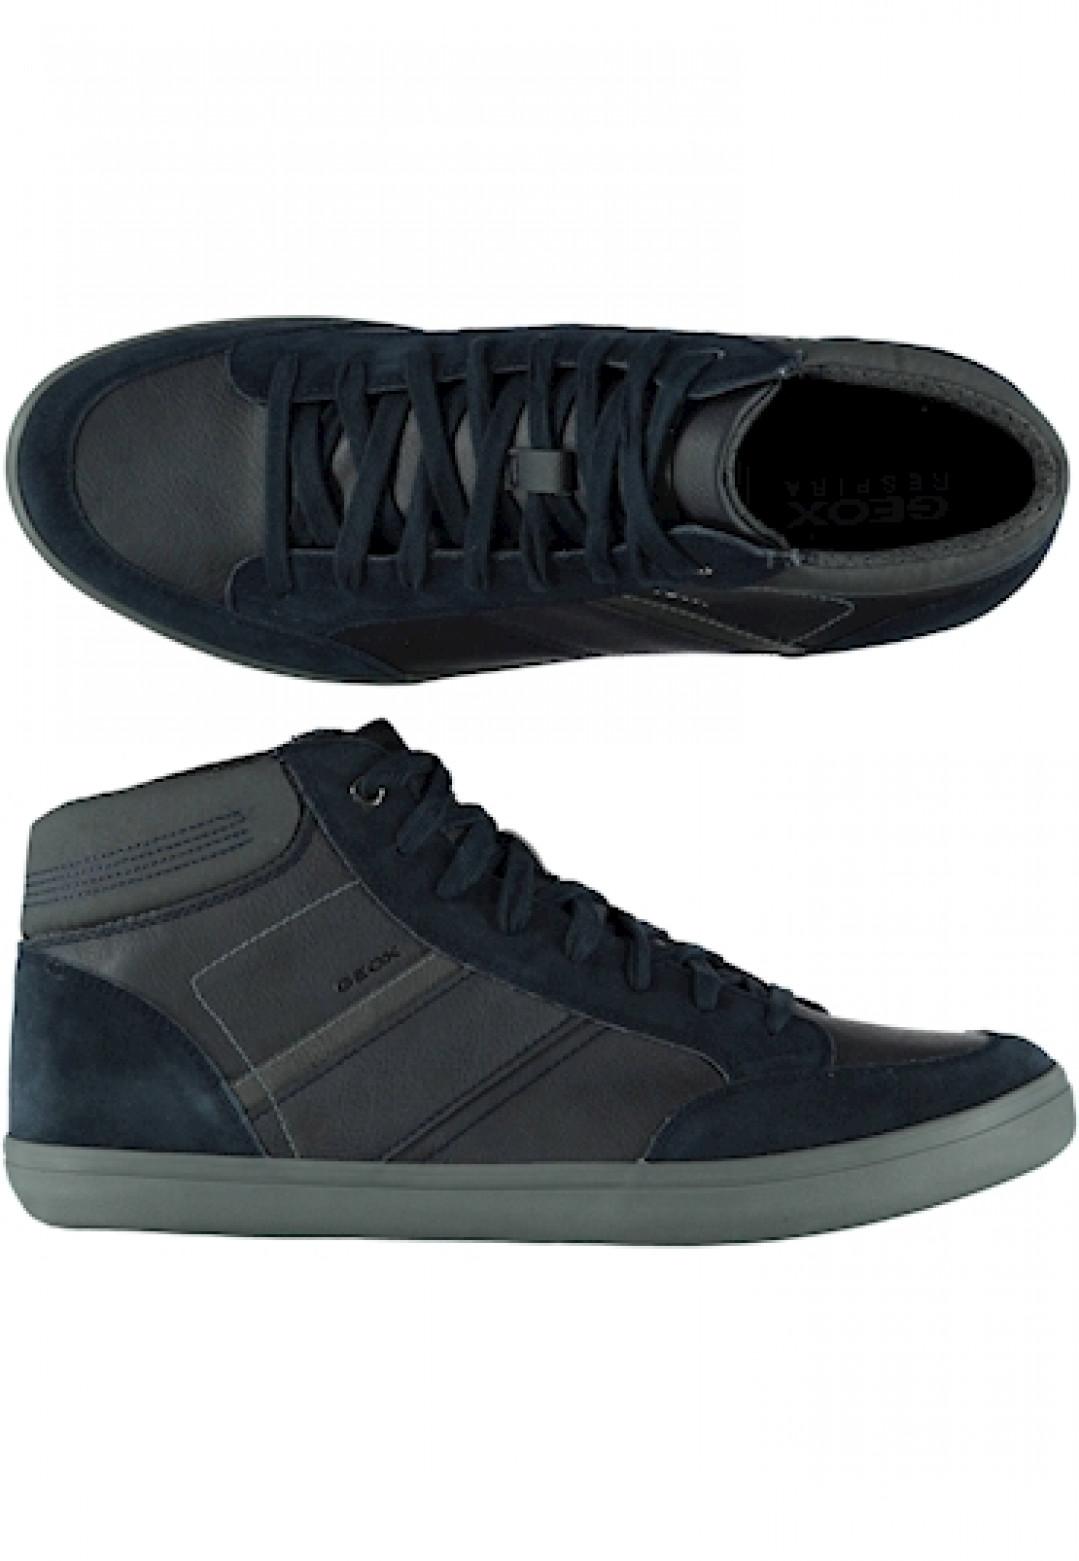 catalogo geox autunno inverno 16, Uomo Sneakers Geox BOX D